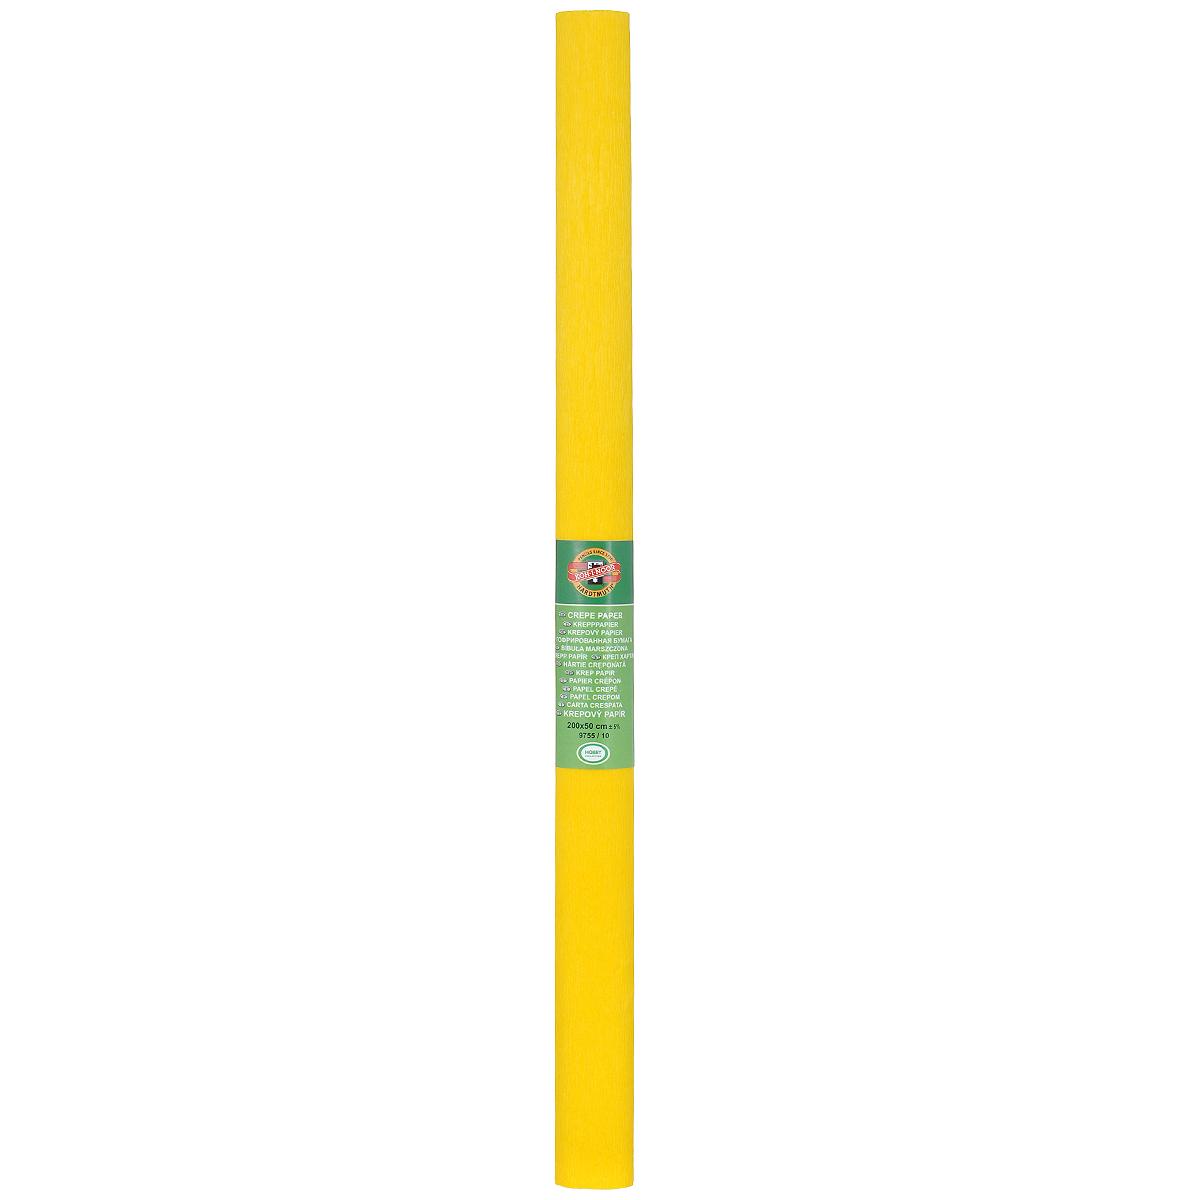 Бумага гофрированная Koh-I-Noor, цвет: темно-желтый, 50 см x 2 мC0044701Гофрированная бумага Koh-I-Noor - прекрасный материал для декорирования, изготовления эффектной упаковки и различных поделок. Бумага прекрасно держит форму, не пачкает руки, отлично крепится и замечательно подходит для изготовления праздничной упаковки для цветов.